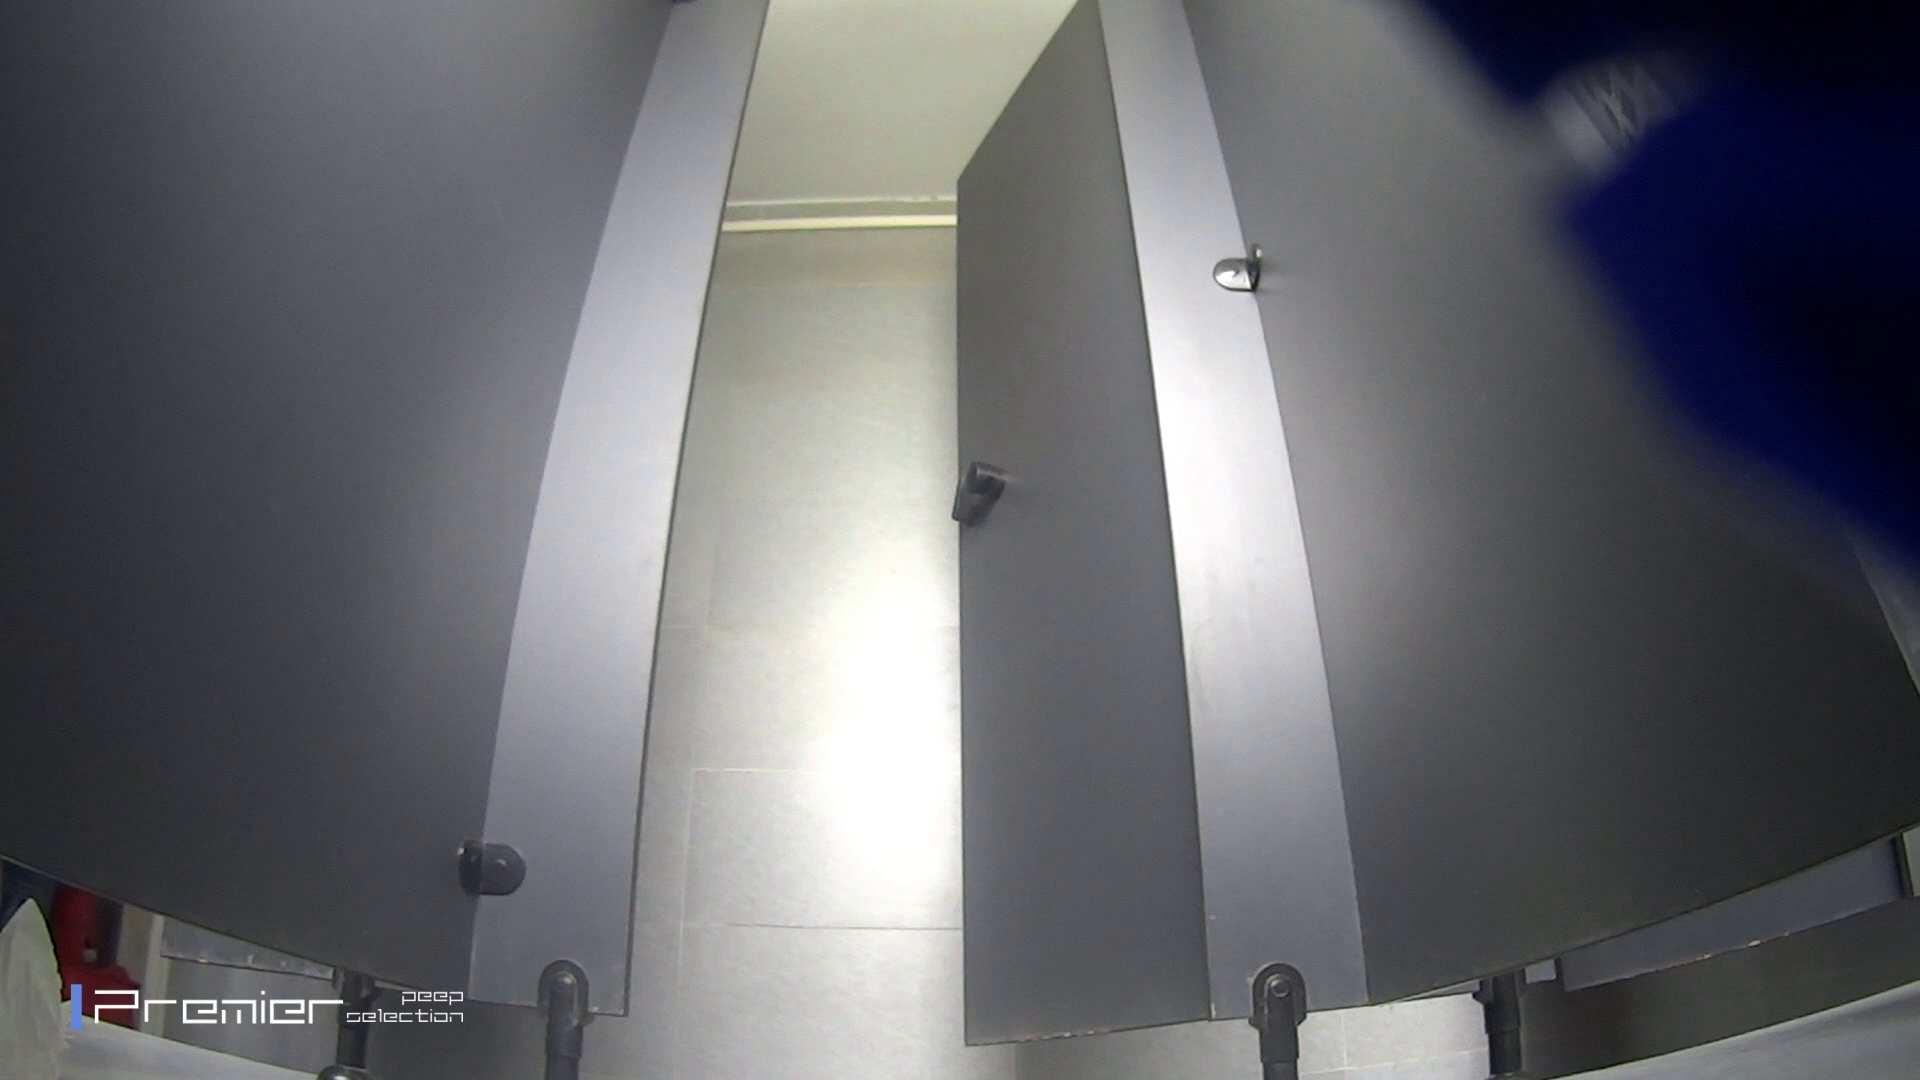 ツンデレお女市さんのトイレ事情 大学休憩時間の洗面所事情32 トイレ中 | 美女達のヌード  100連発 55